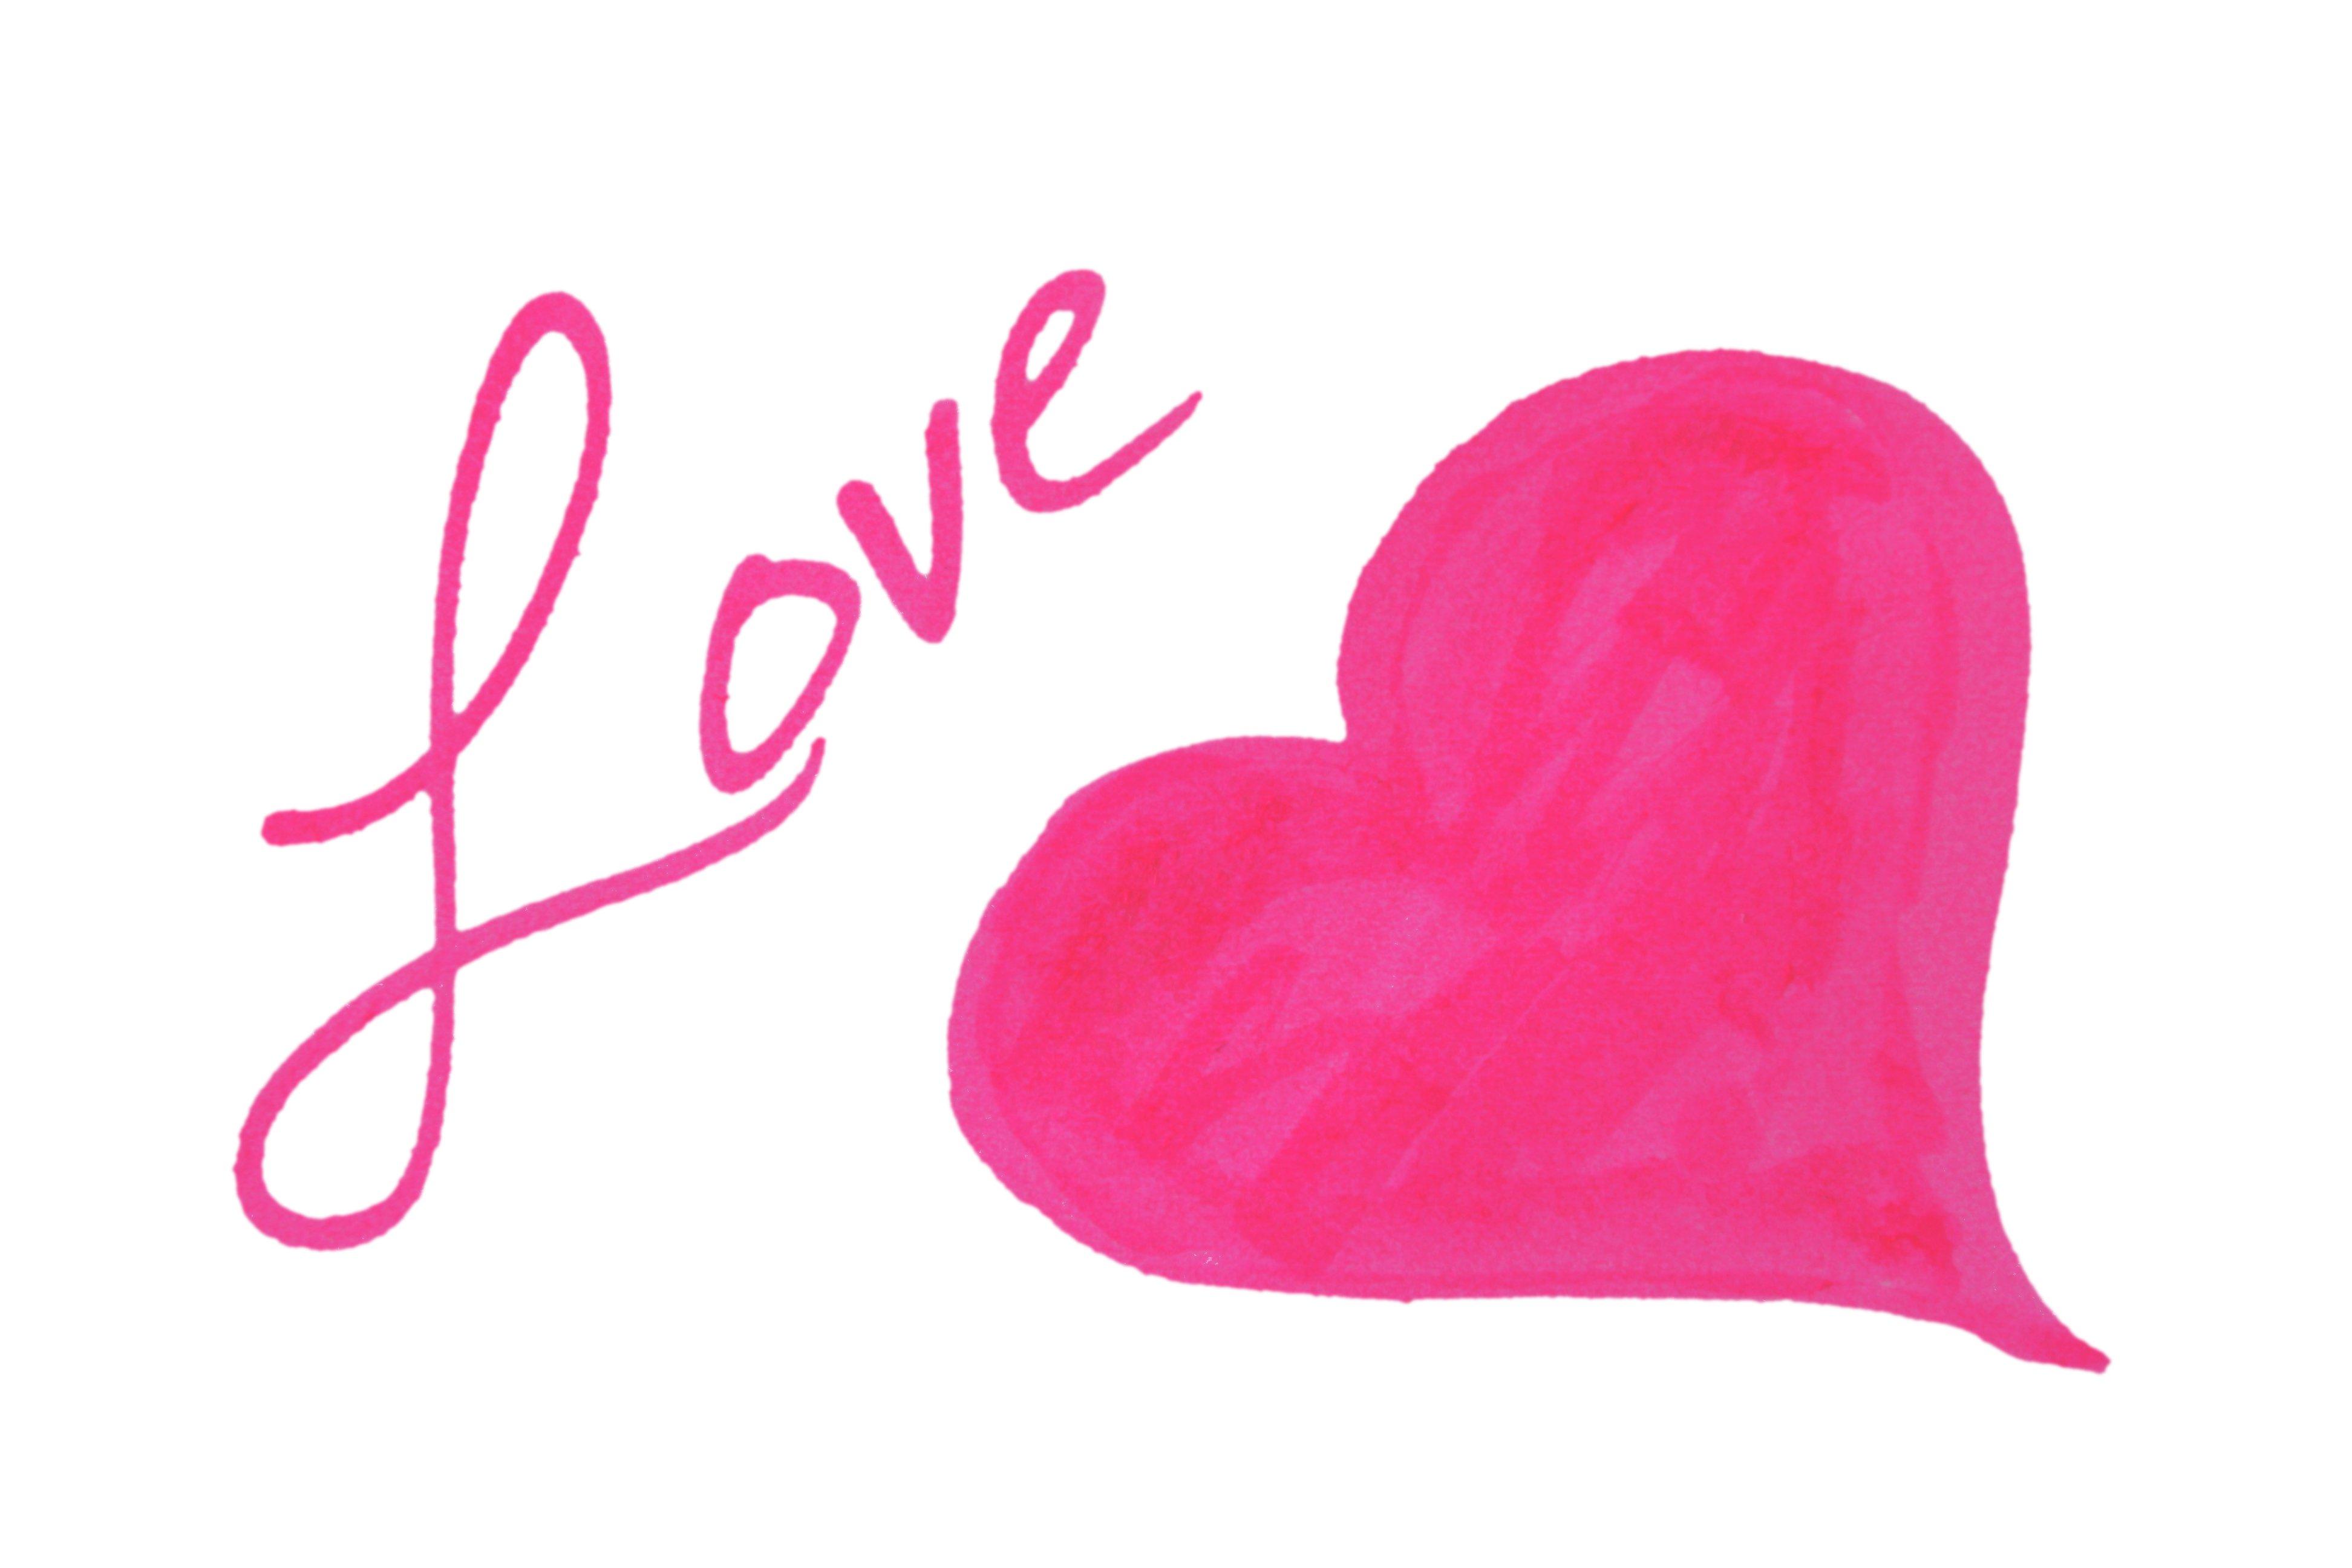 3888x2592 Love Heart Clip Art Picture Free Photograph Photos Public Domain